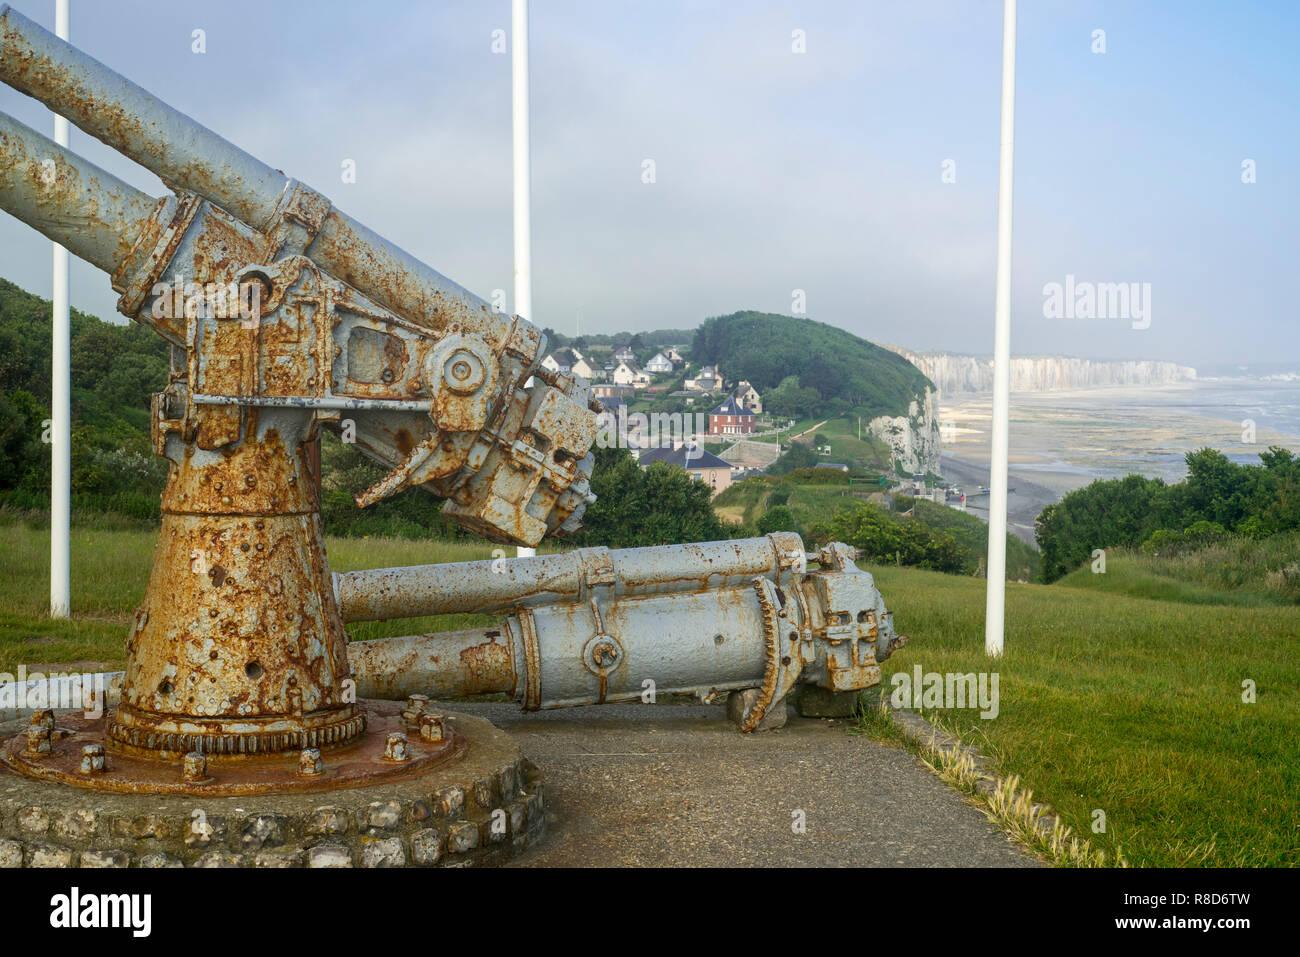 WW 2 Memorial mit 100-mm-Kanonen aus dem Französischen gepanzerte Frachtschiff P21 Le Cerons auf Klippe in Veules-les-Roses, Normandie, Frankreich Stockbild